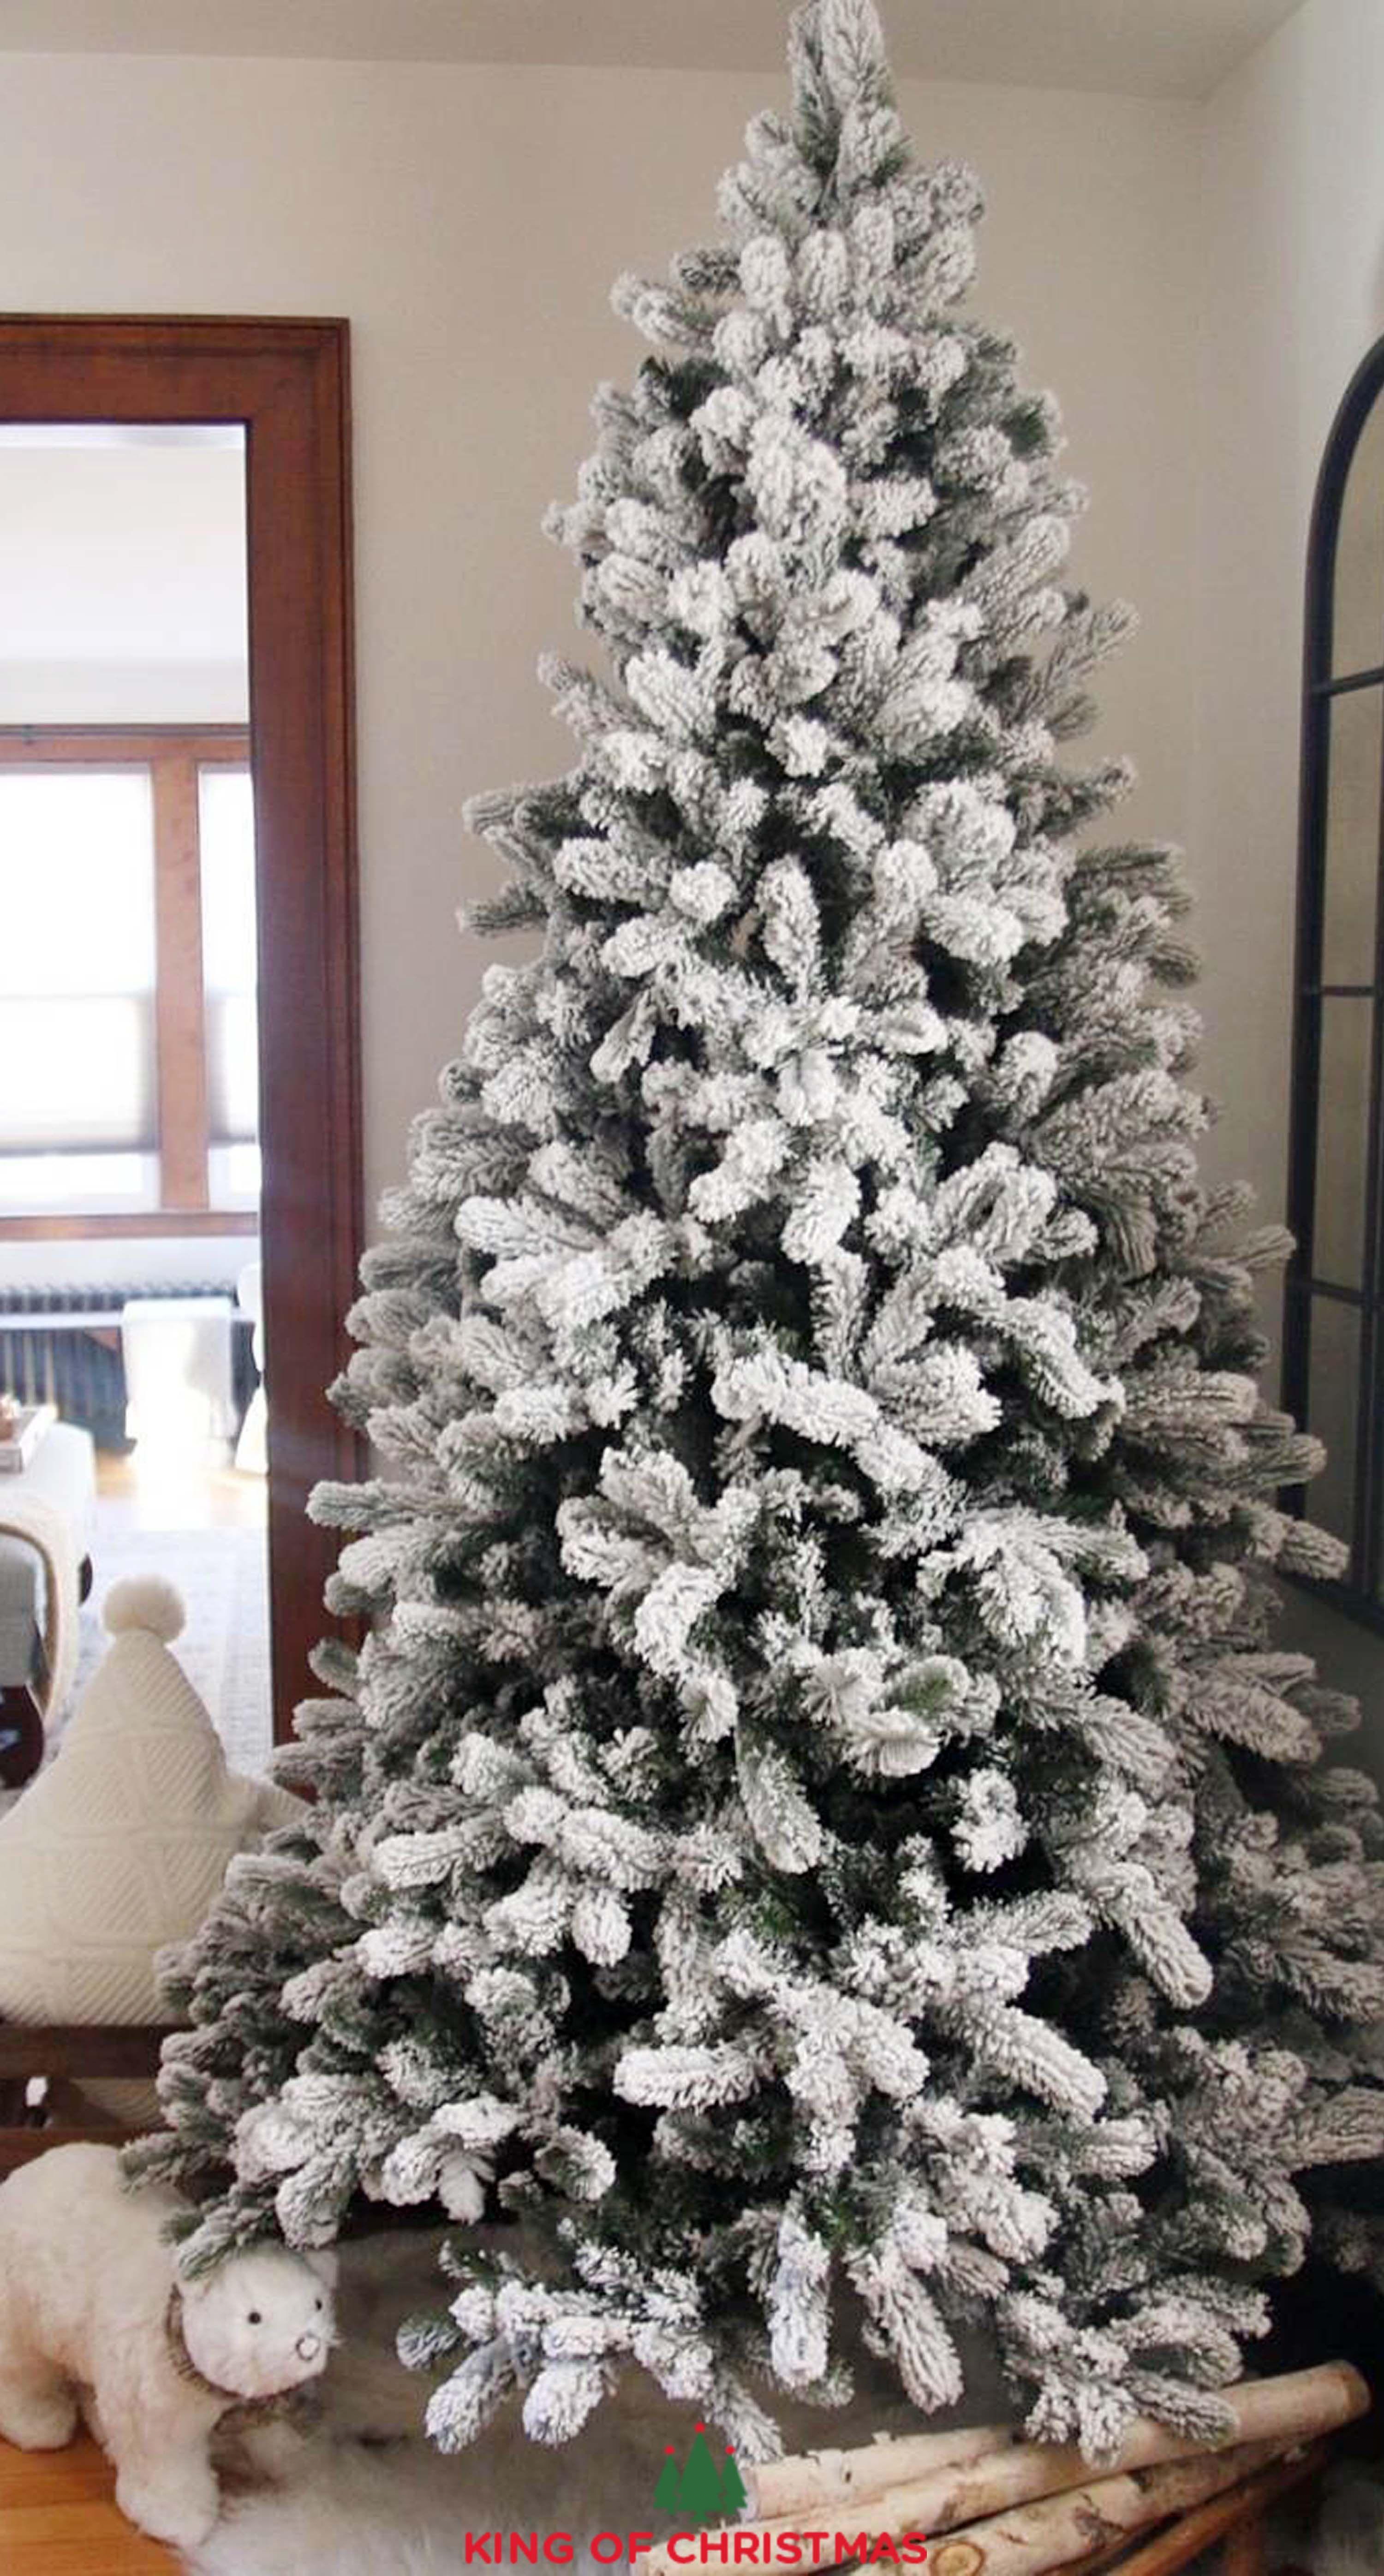 Yorkshire Slim Christmas Tree King Of Christmas Flock Christmas